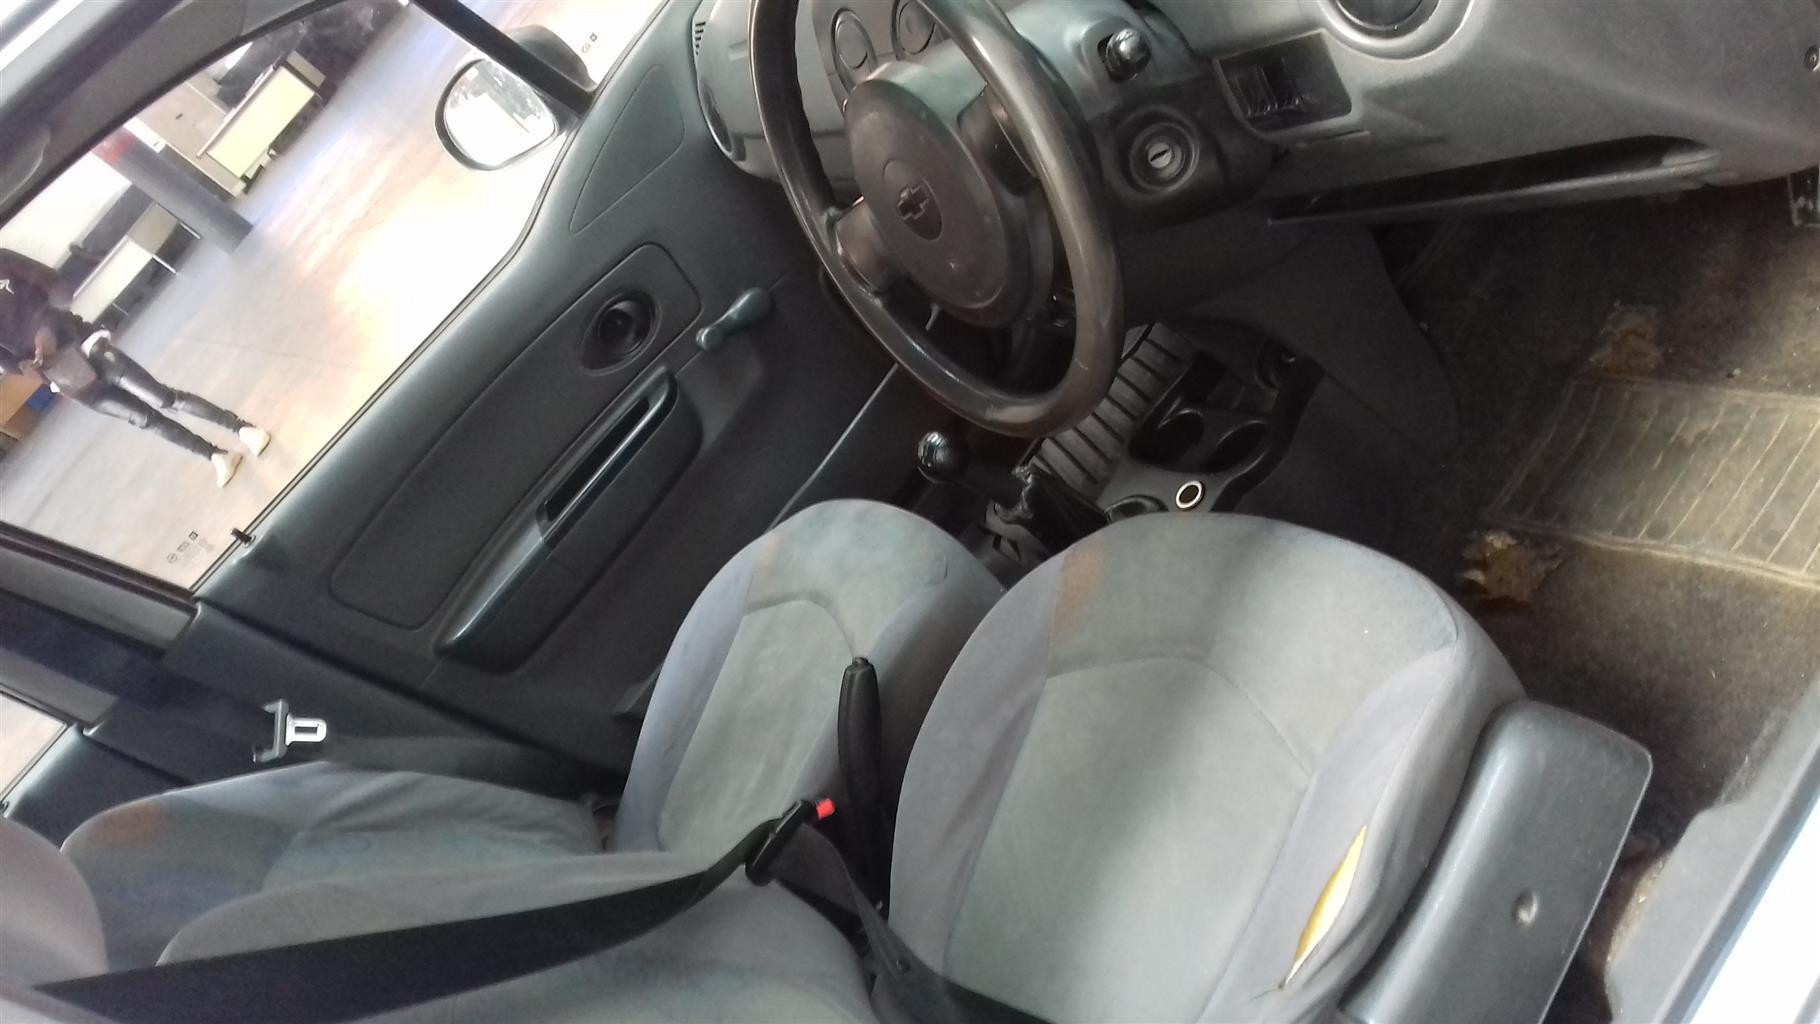 2009 Chevrolet Spark 0.8